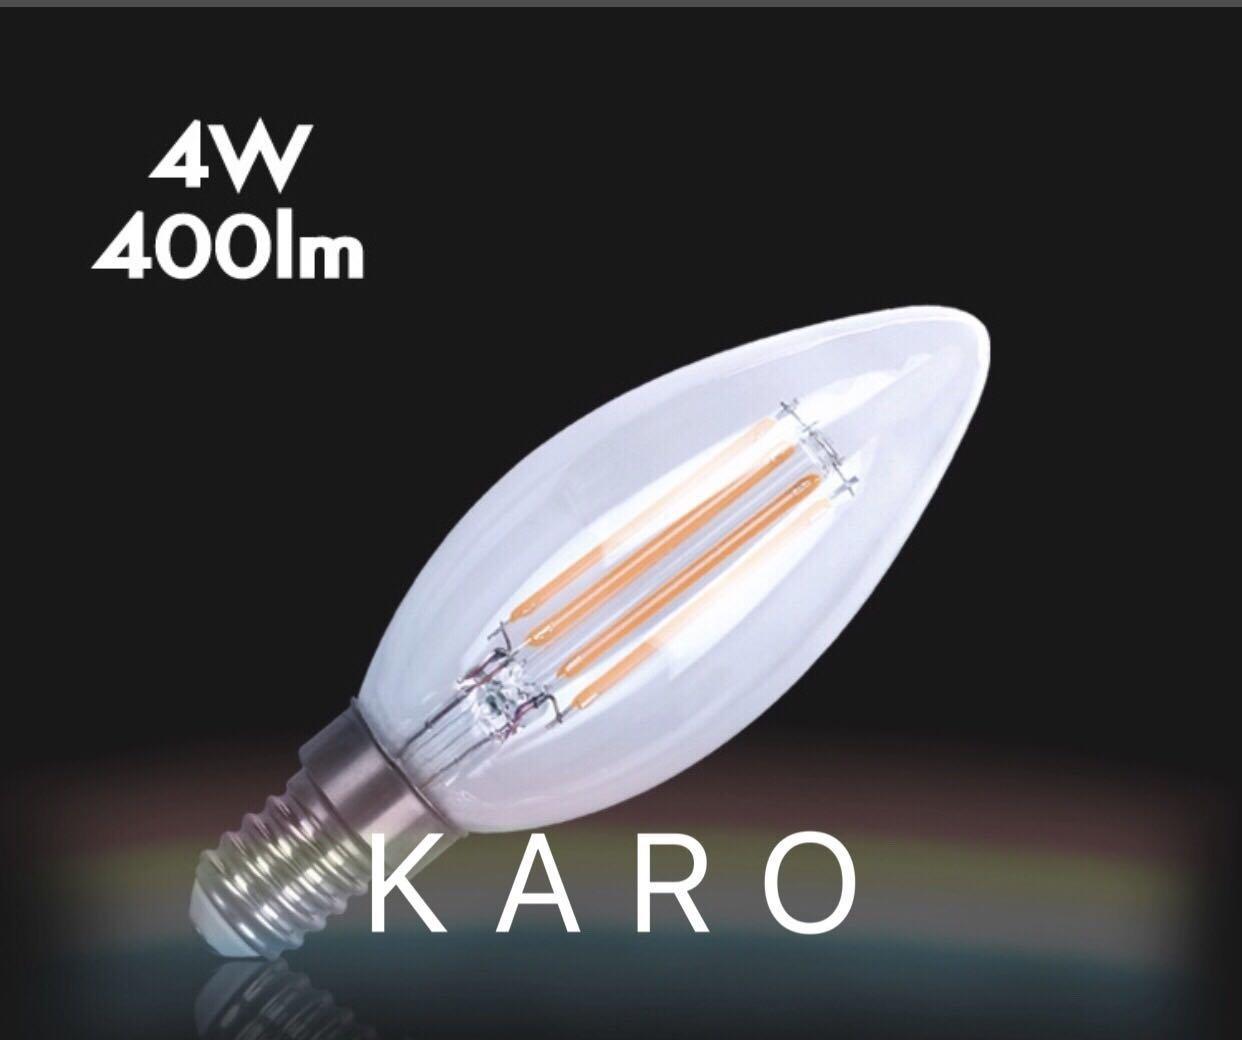 【築光坊】(全電壓) 尖尾 LED 蠟燭燈 4W LED 燈絲球泡 3000K E14 美術燈 愛迪生燈泡 工業風